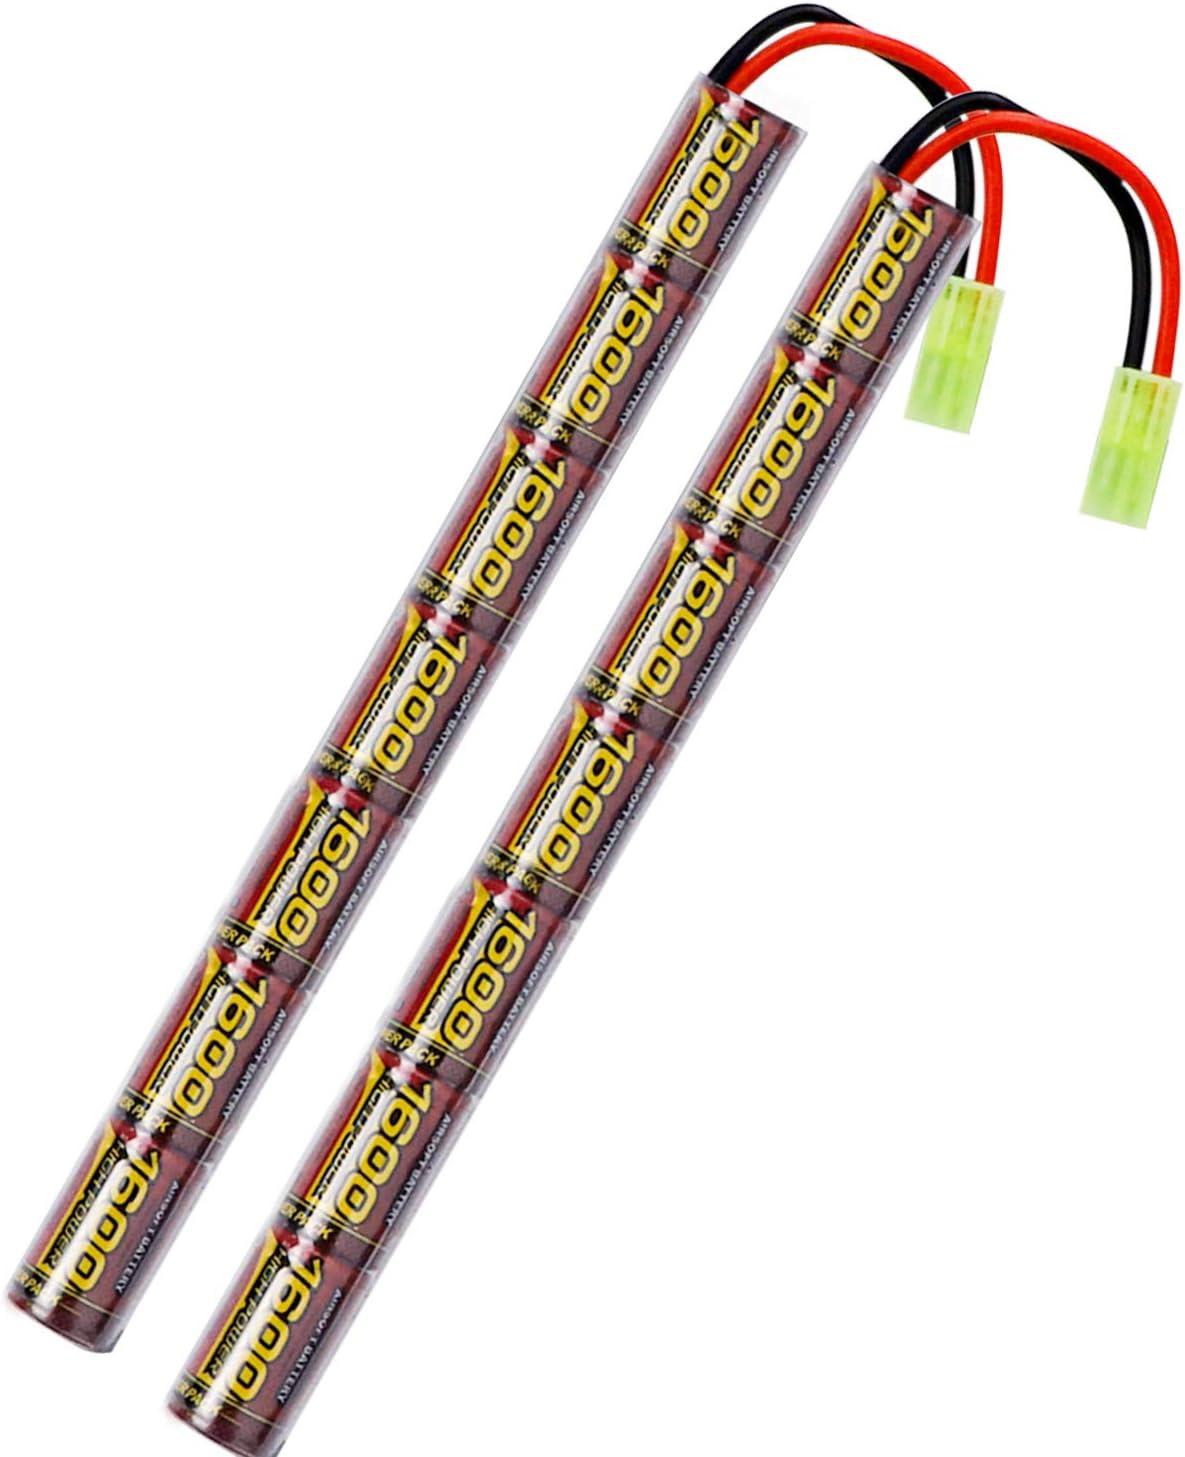 melasta 2pack 2 / 3A 8.4V NIMH Airsoft Batería 1600mAh Batería Tipo Stick con Conector Mini Tamiya para Pistola Airsoft AK47 MP5K RPK PKM